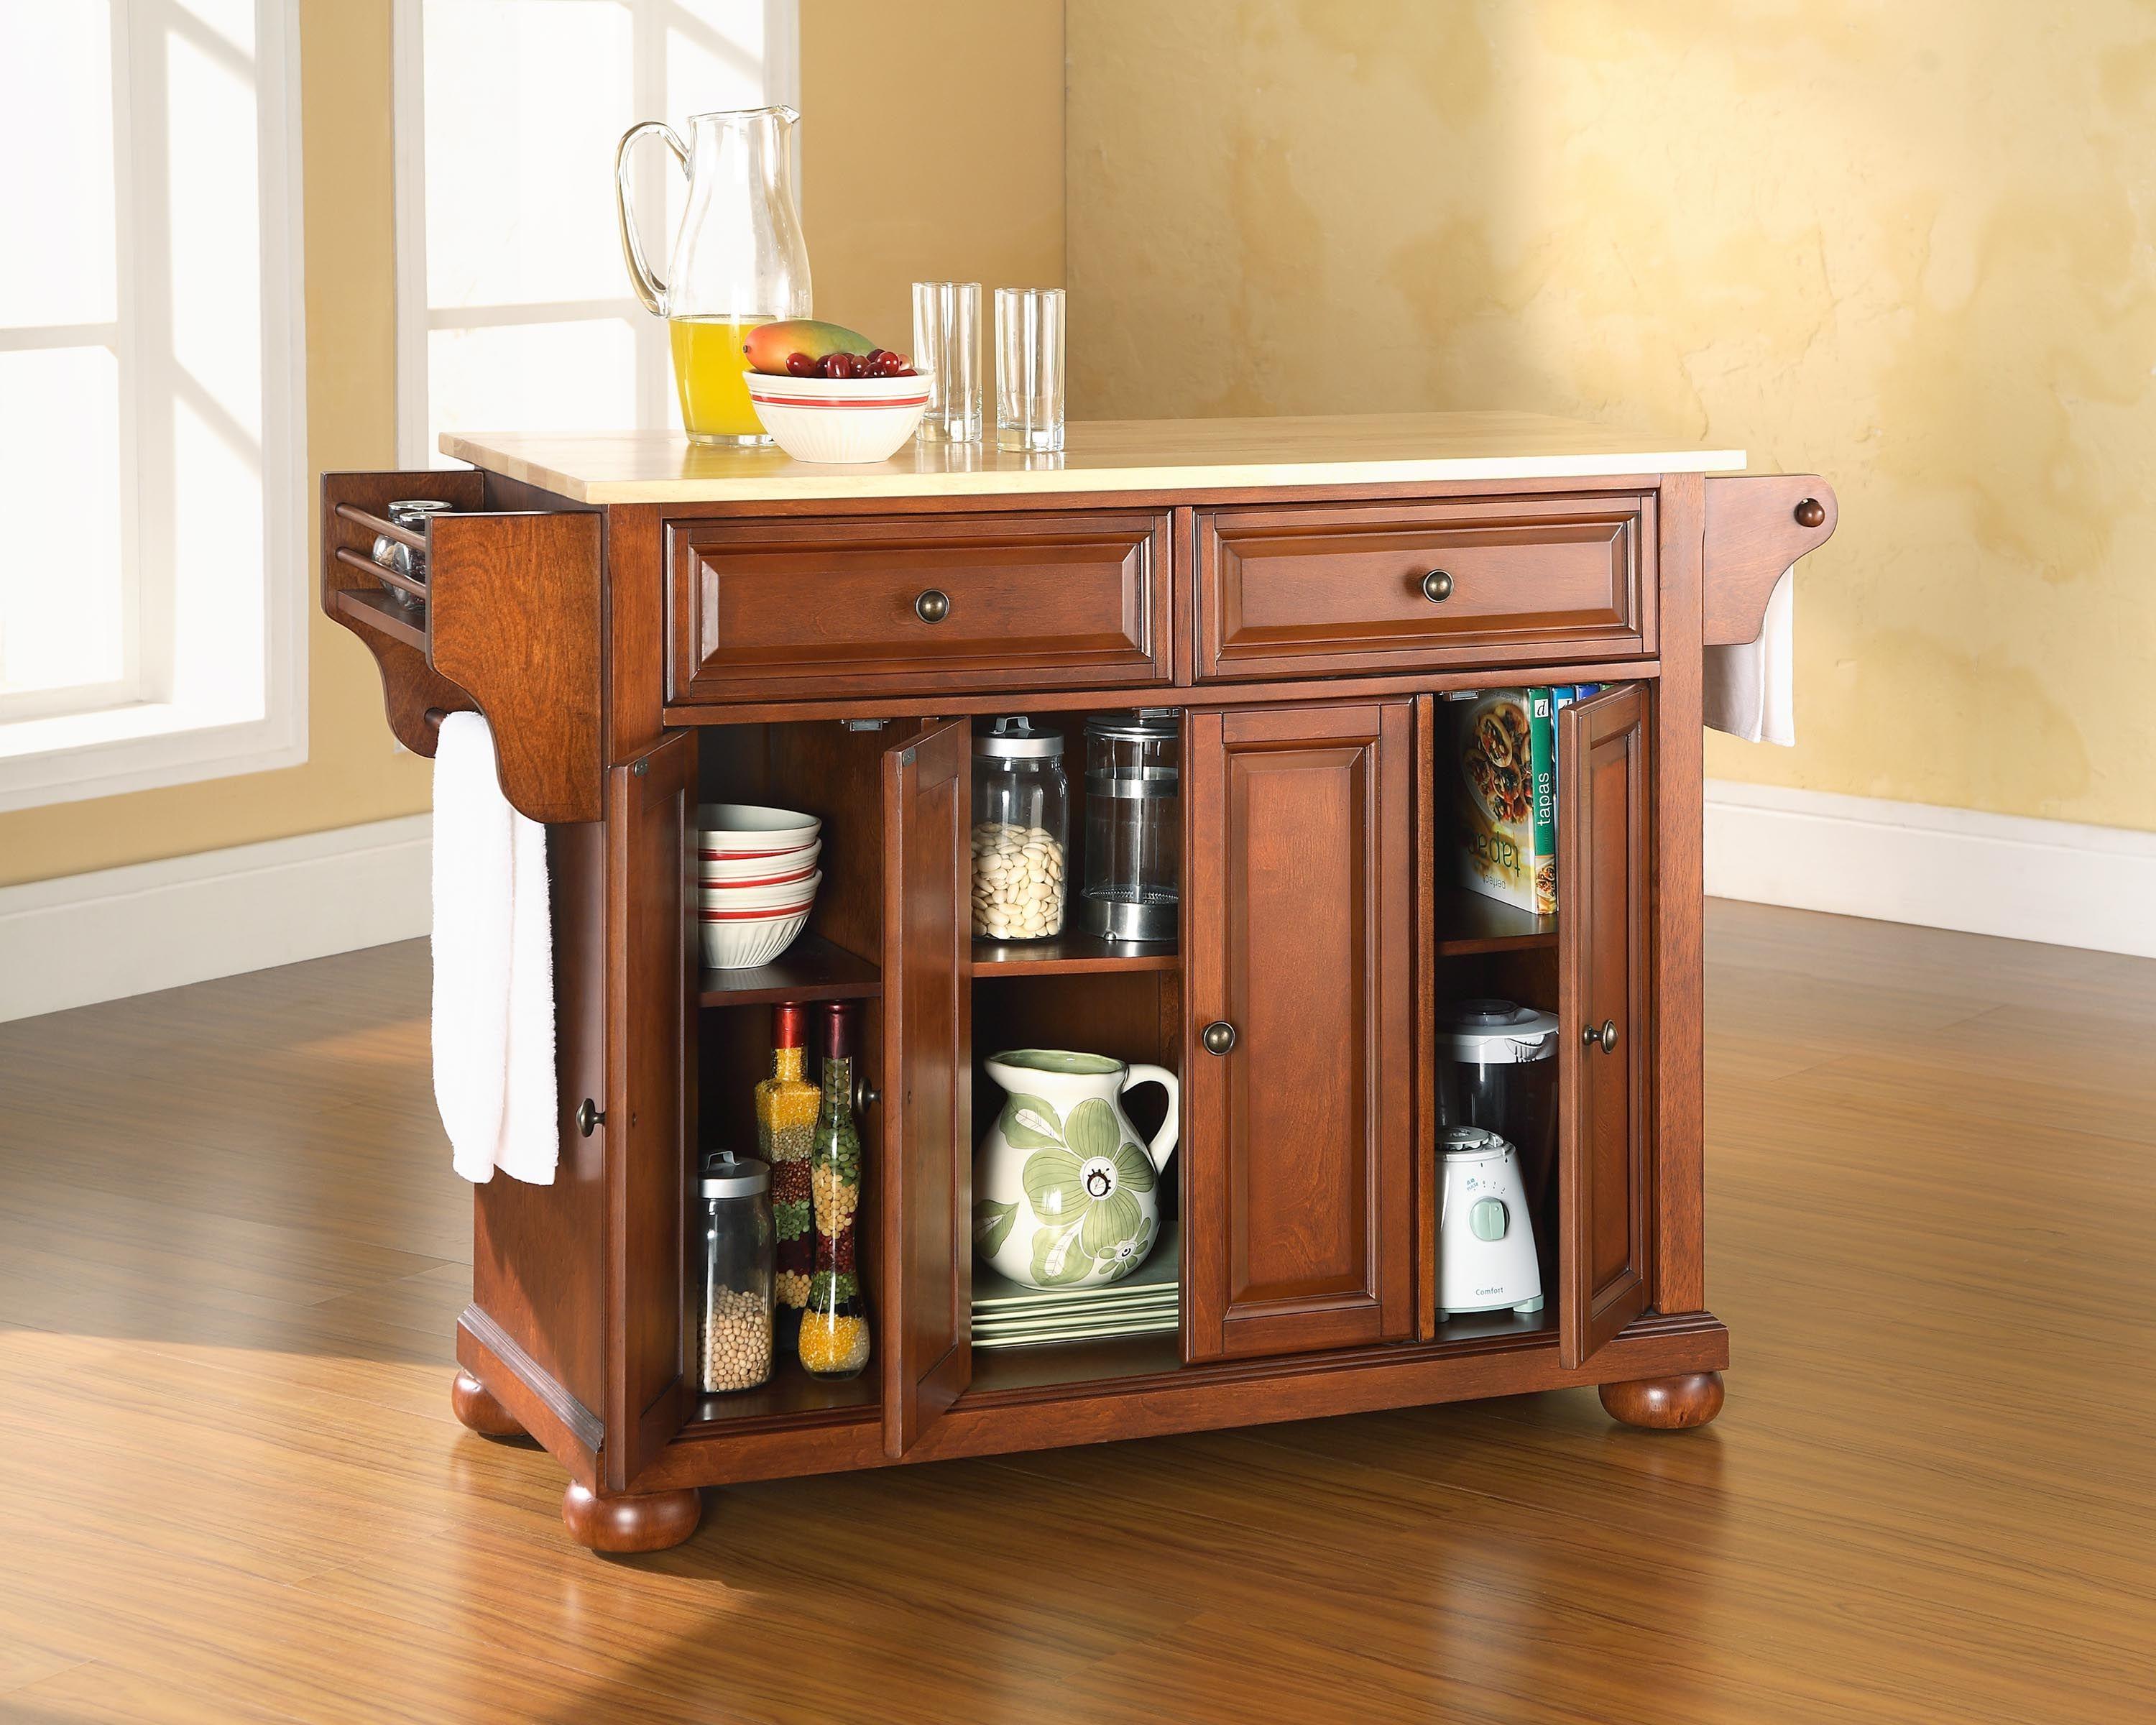 Küche Insel Tisch Mit Stühlen | Stühle modern | Pinterest | Insel ...